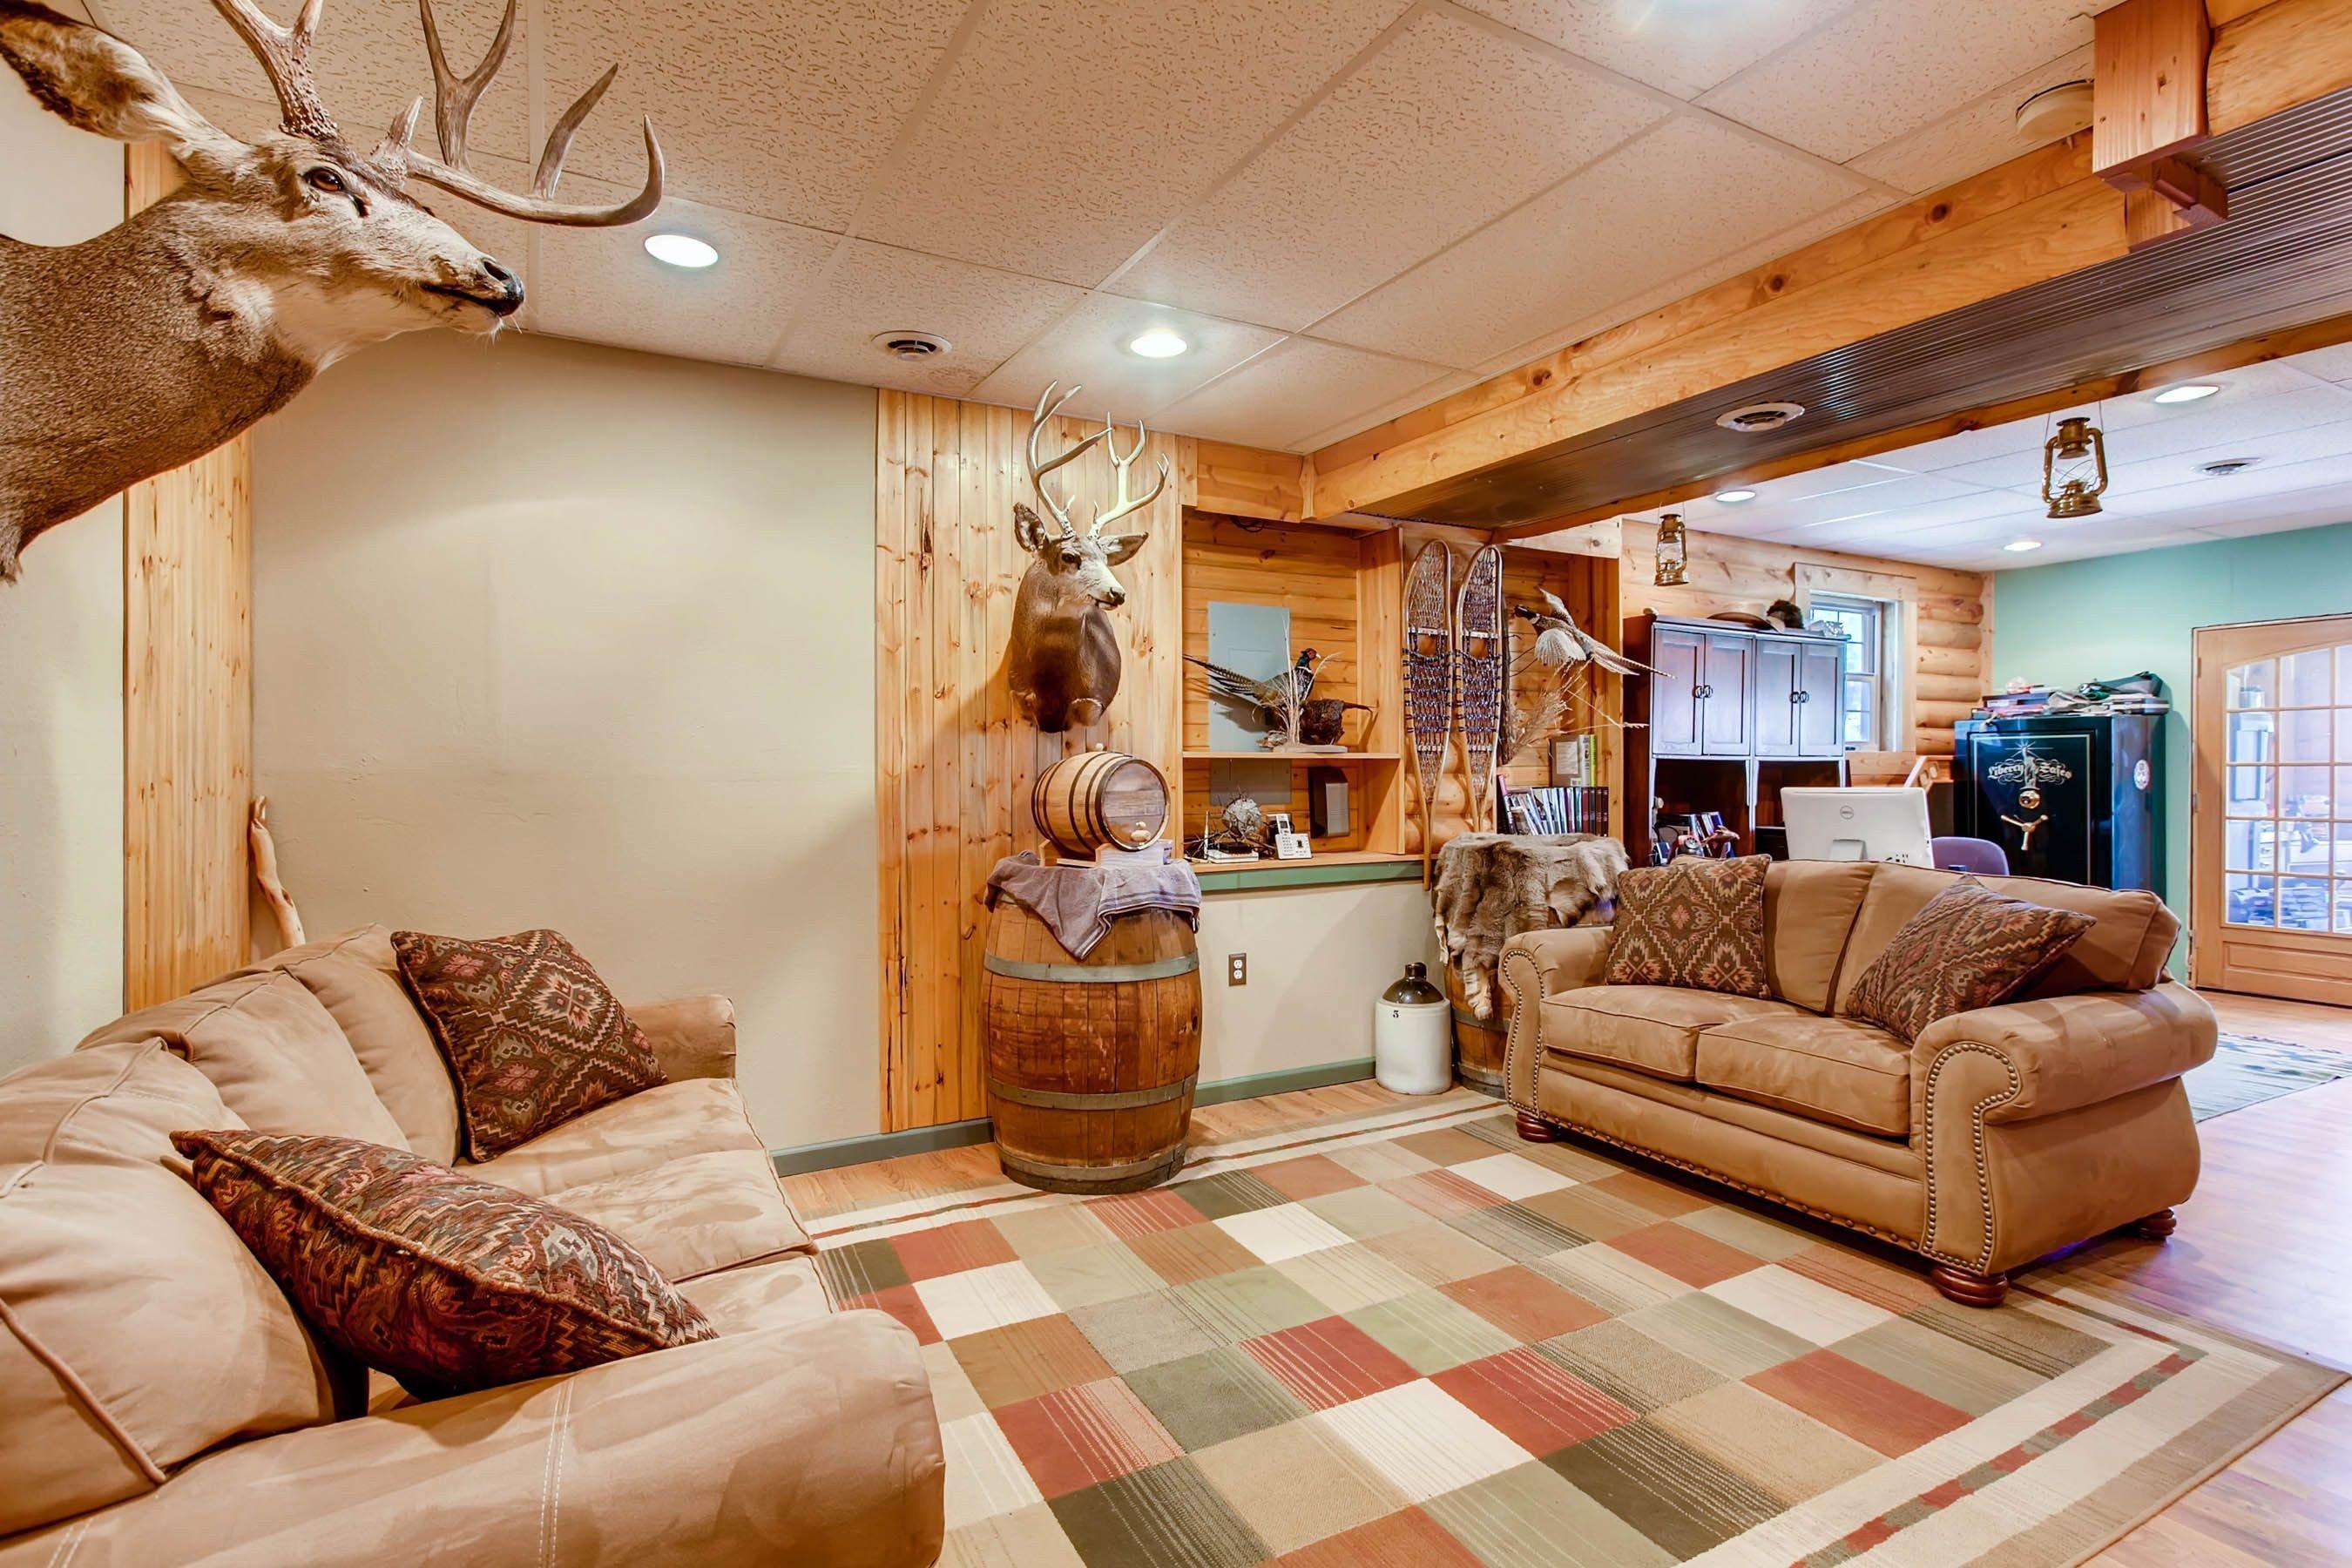 Coal Creek Bedroom Set Unique Basement Recreation Room Man Cave